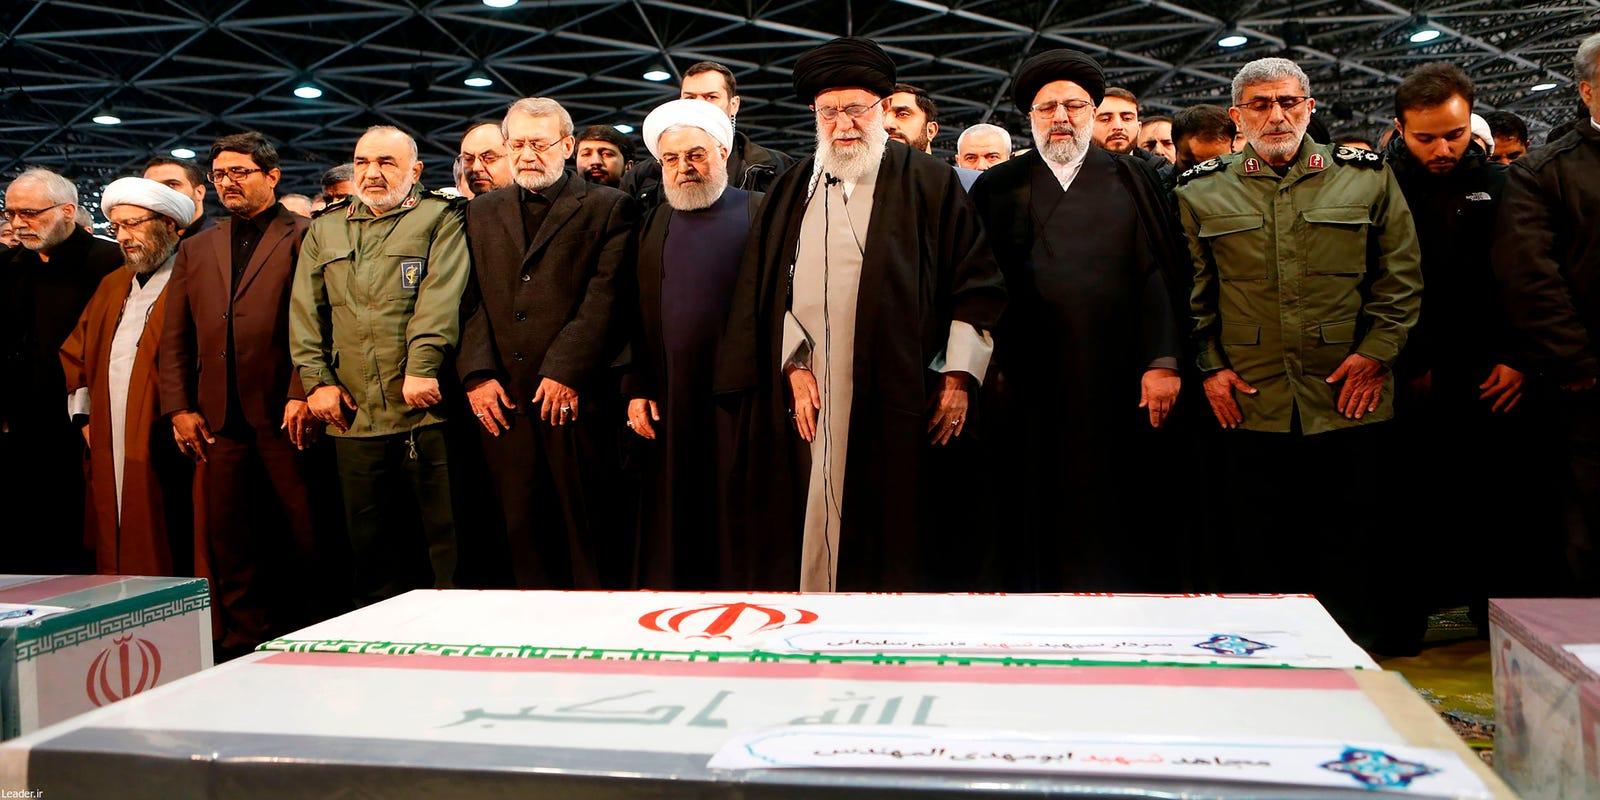 Iran brands U.S. military terrorists after Qasem Soleimani's killing